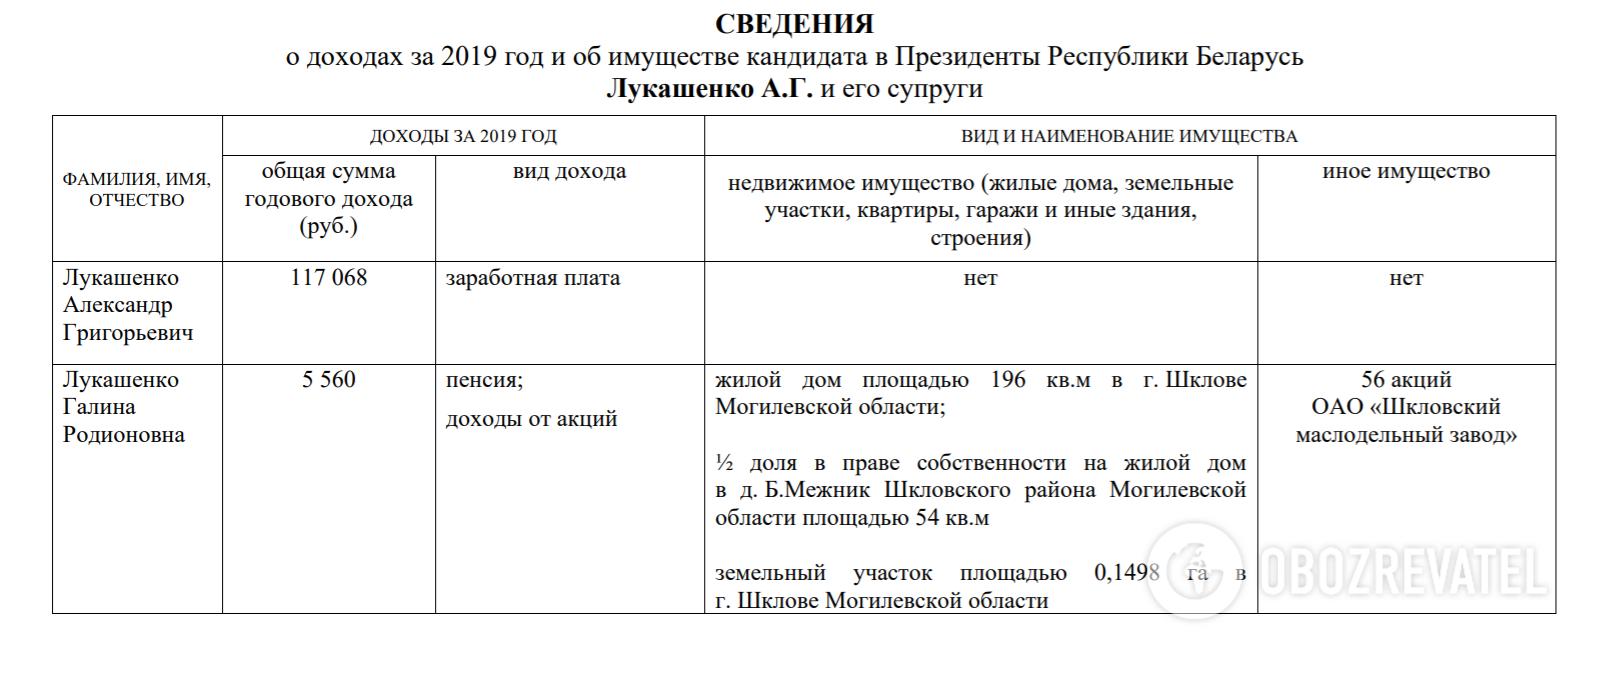 Декларація Лукашенка і його дружини